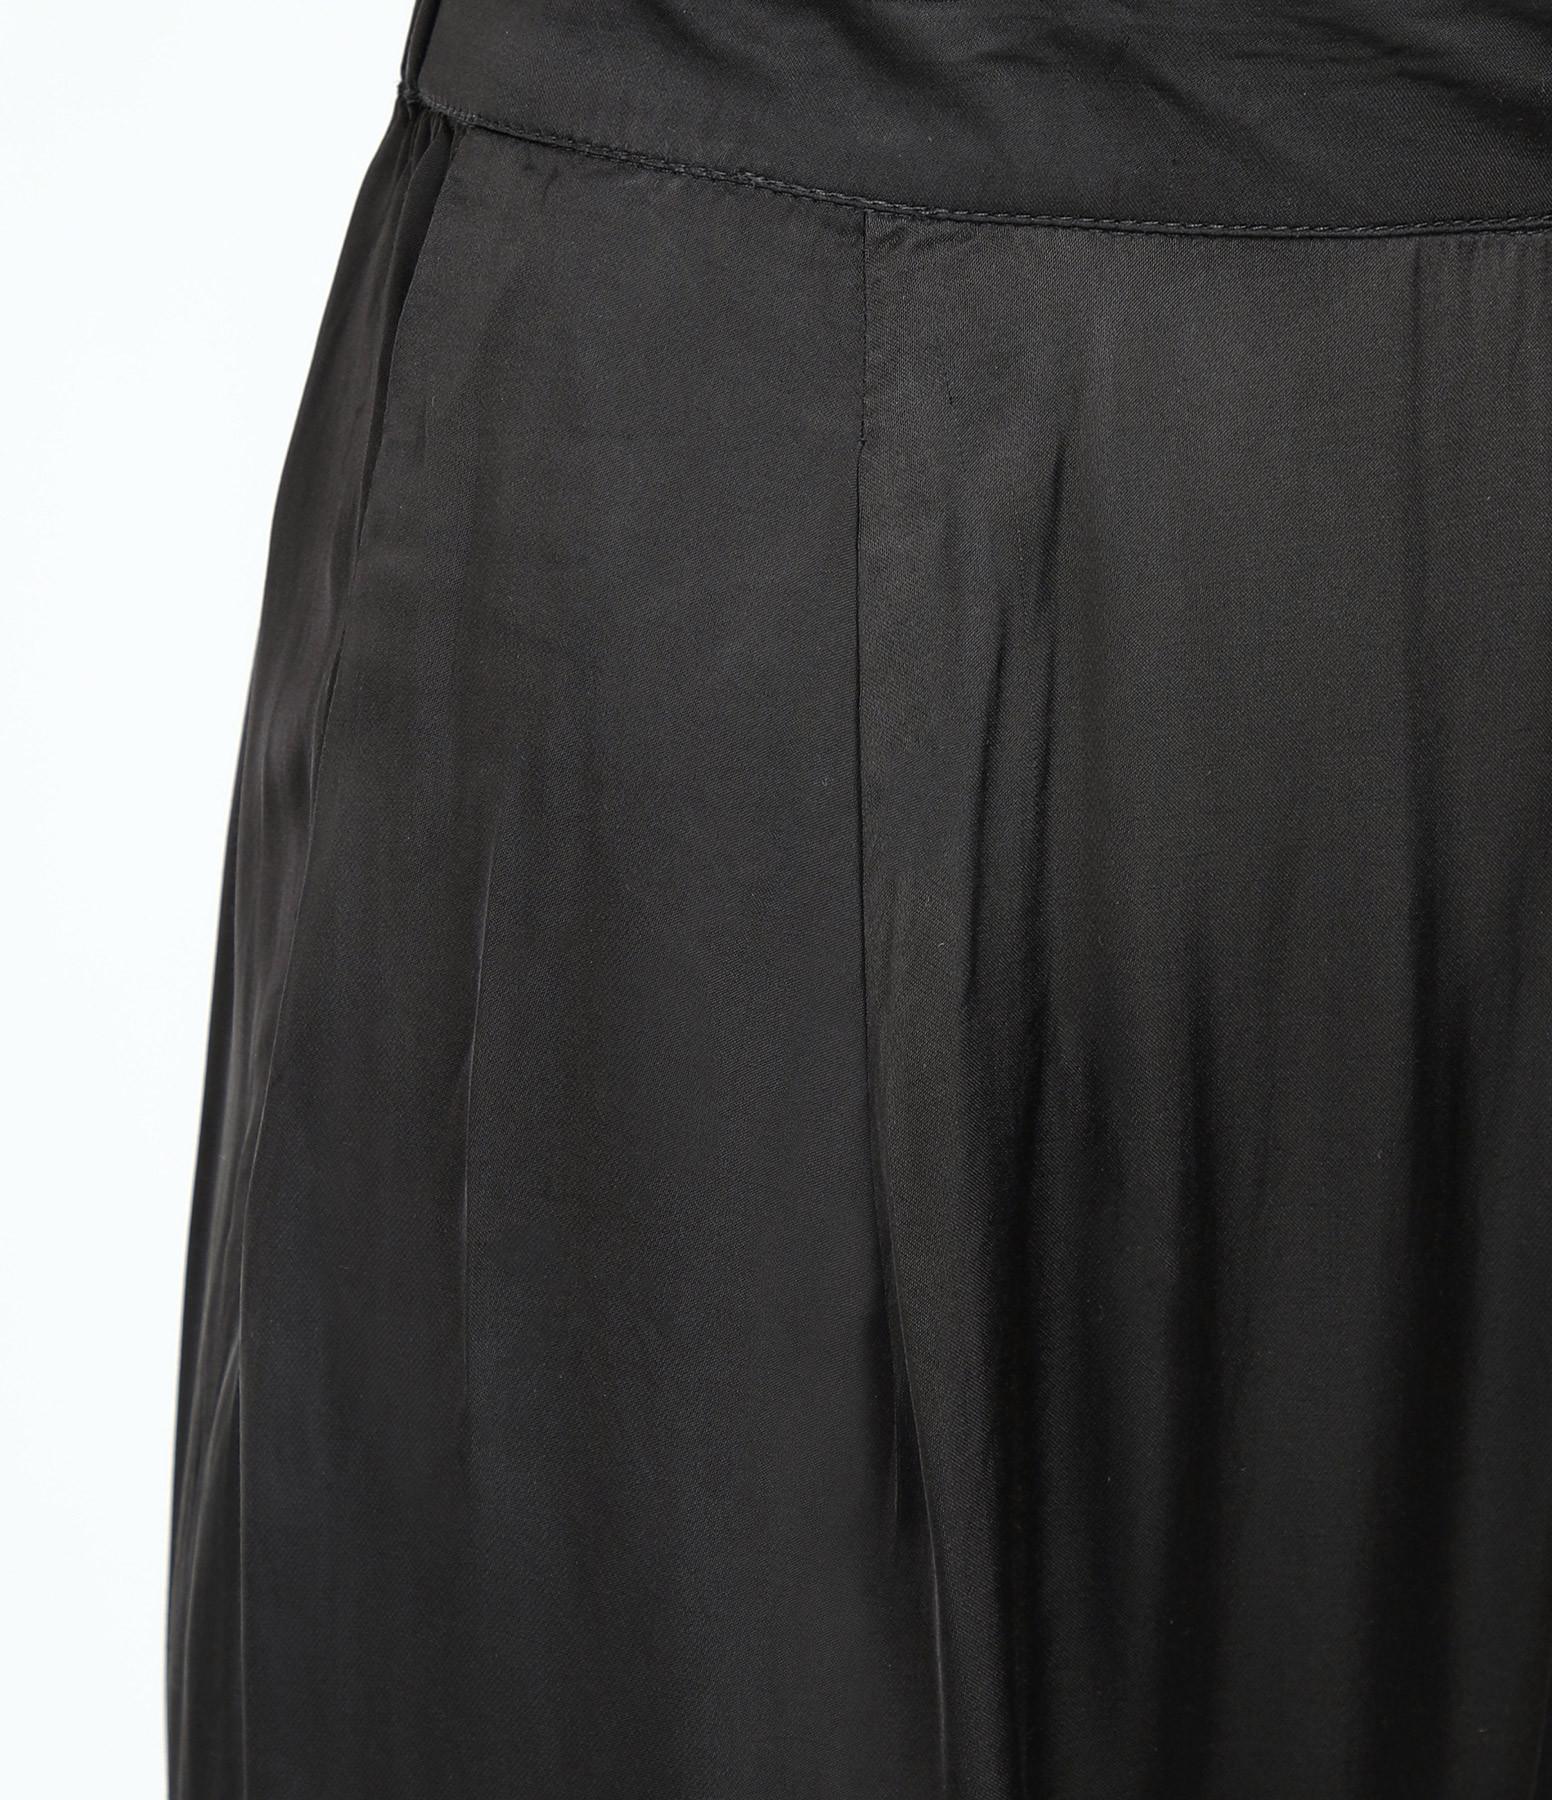 RABENS SALONER - Pantalon Karolina Crop Noir Délavé